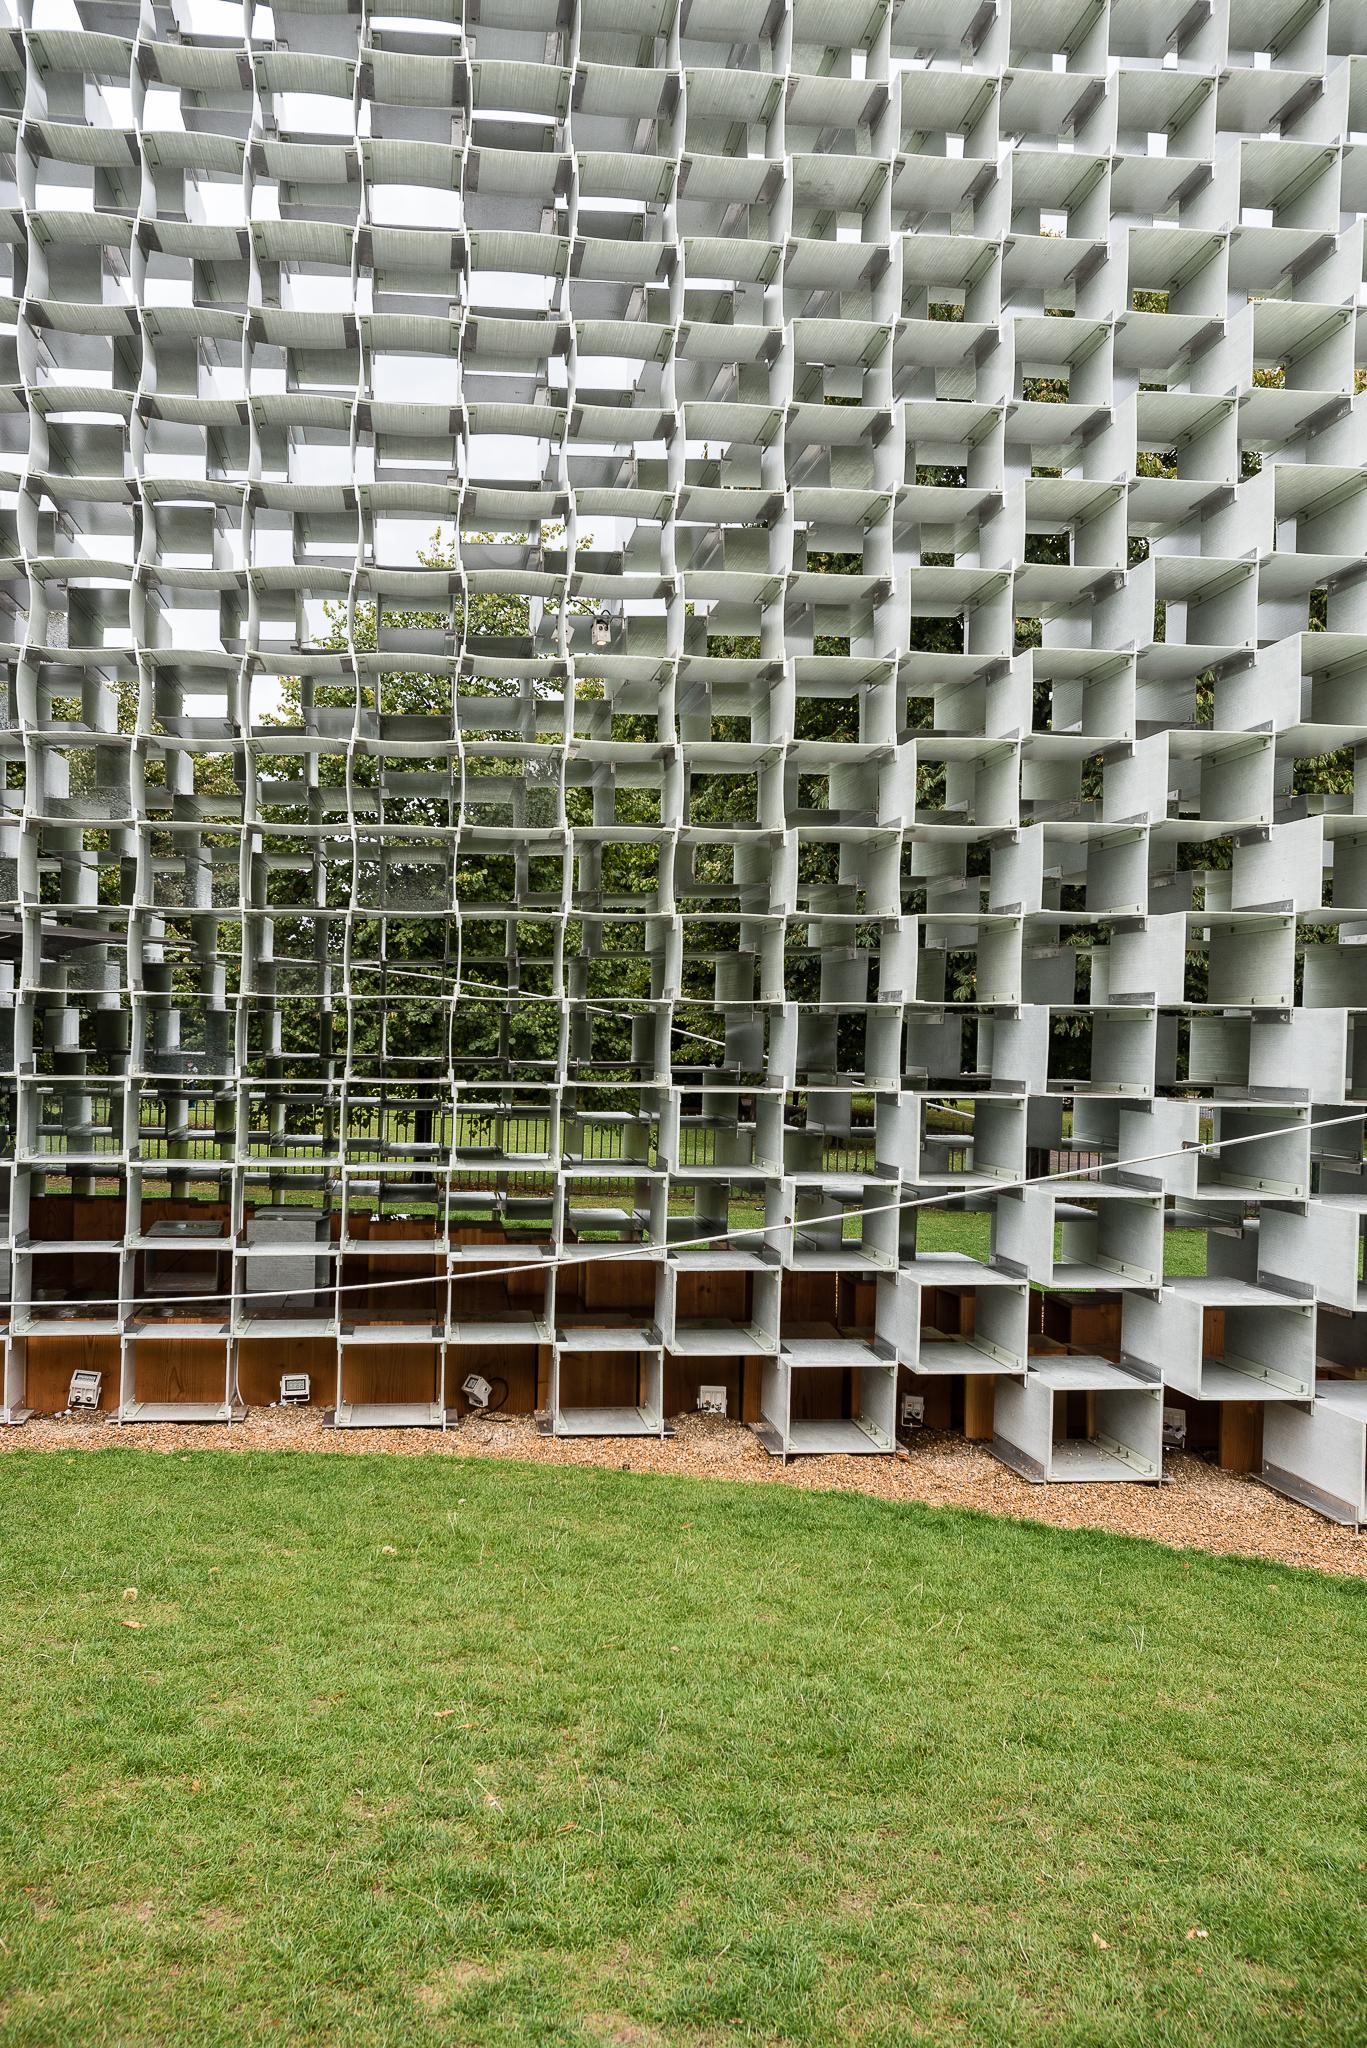 Serpentine pavilion II